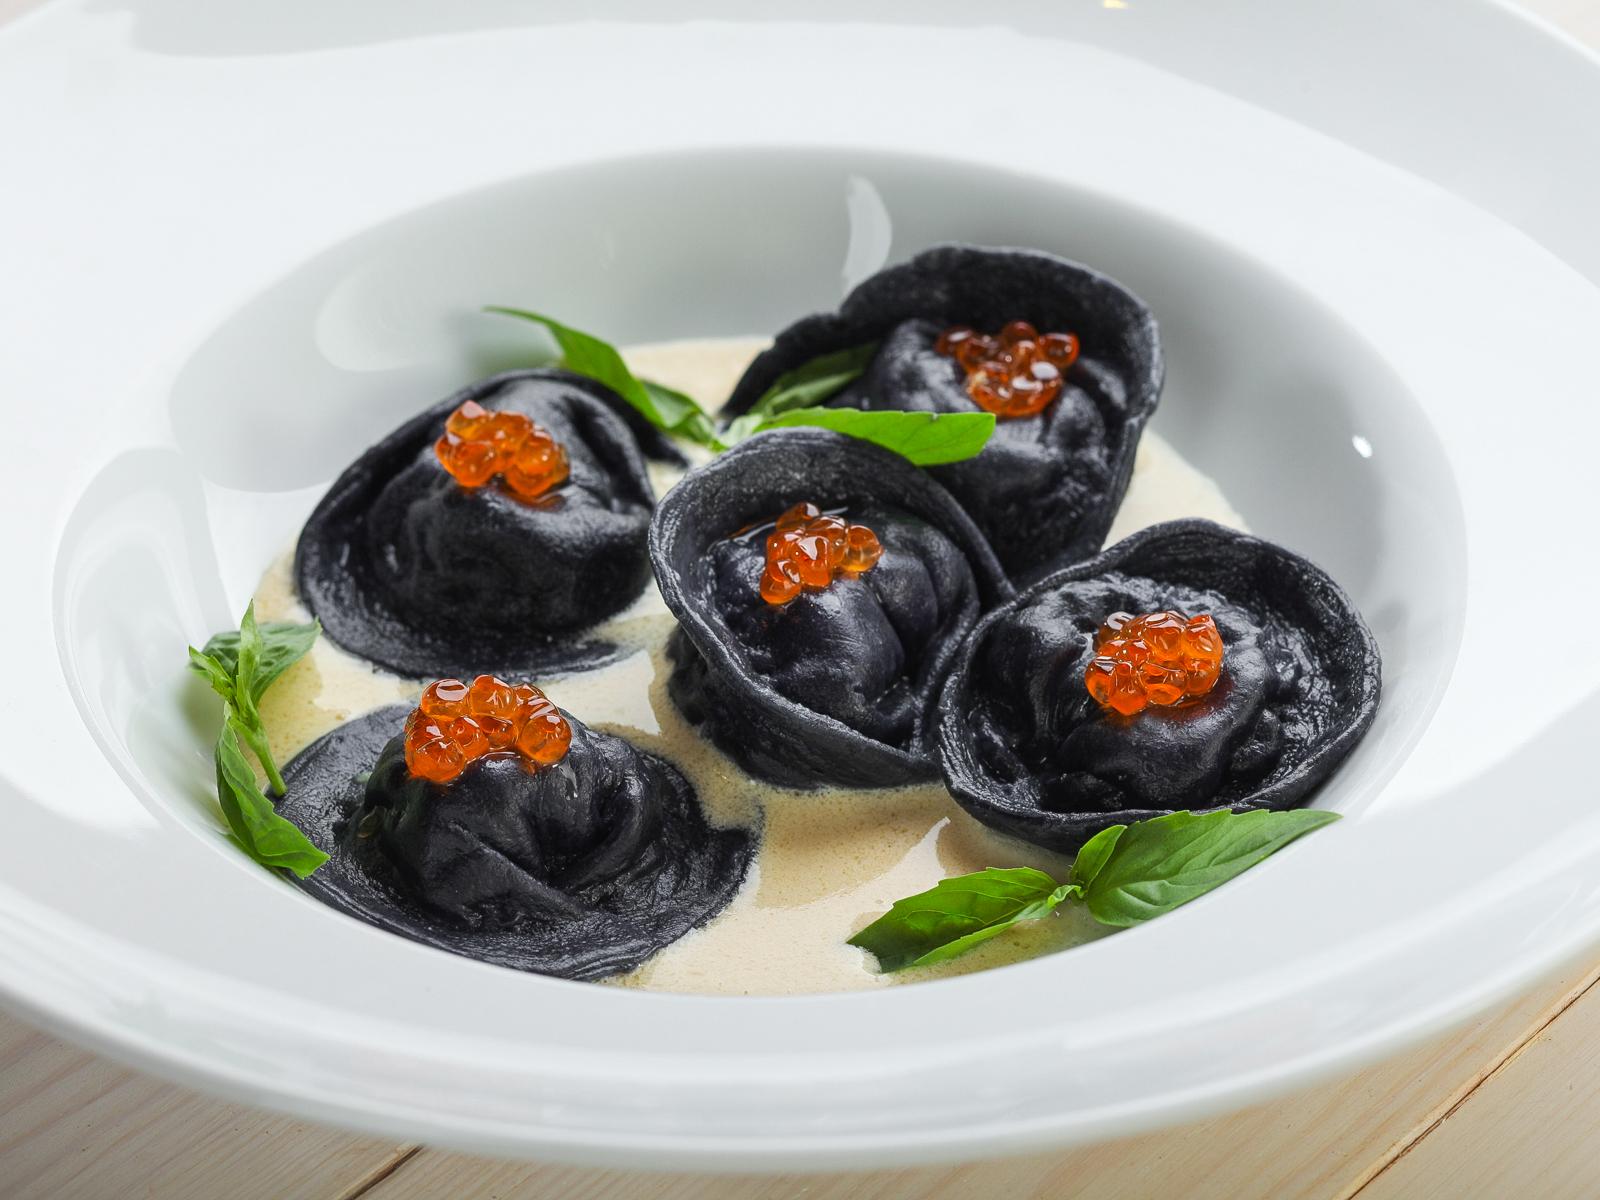 Бархатные черные пельмени с судаком под икорно-сливочным соусом